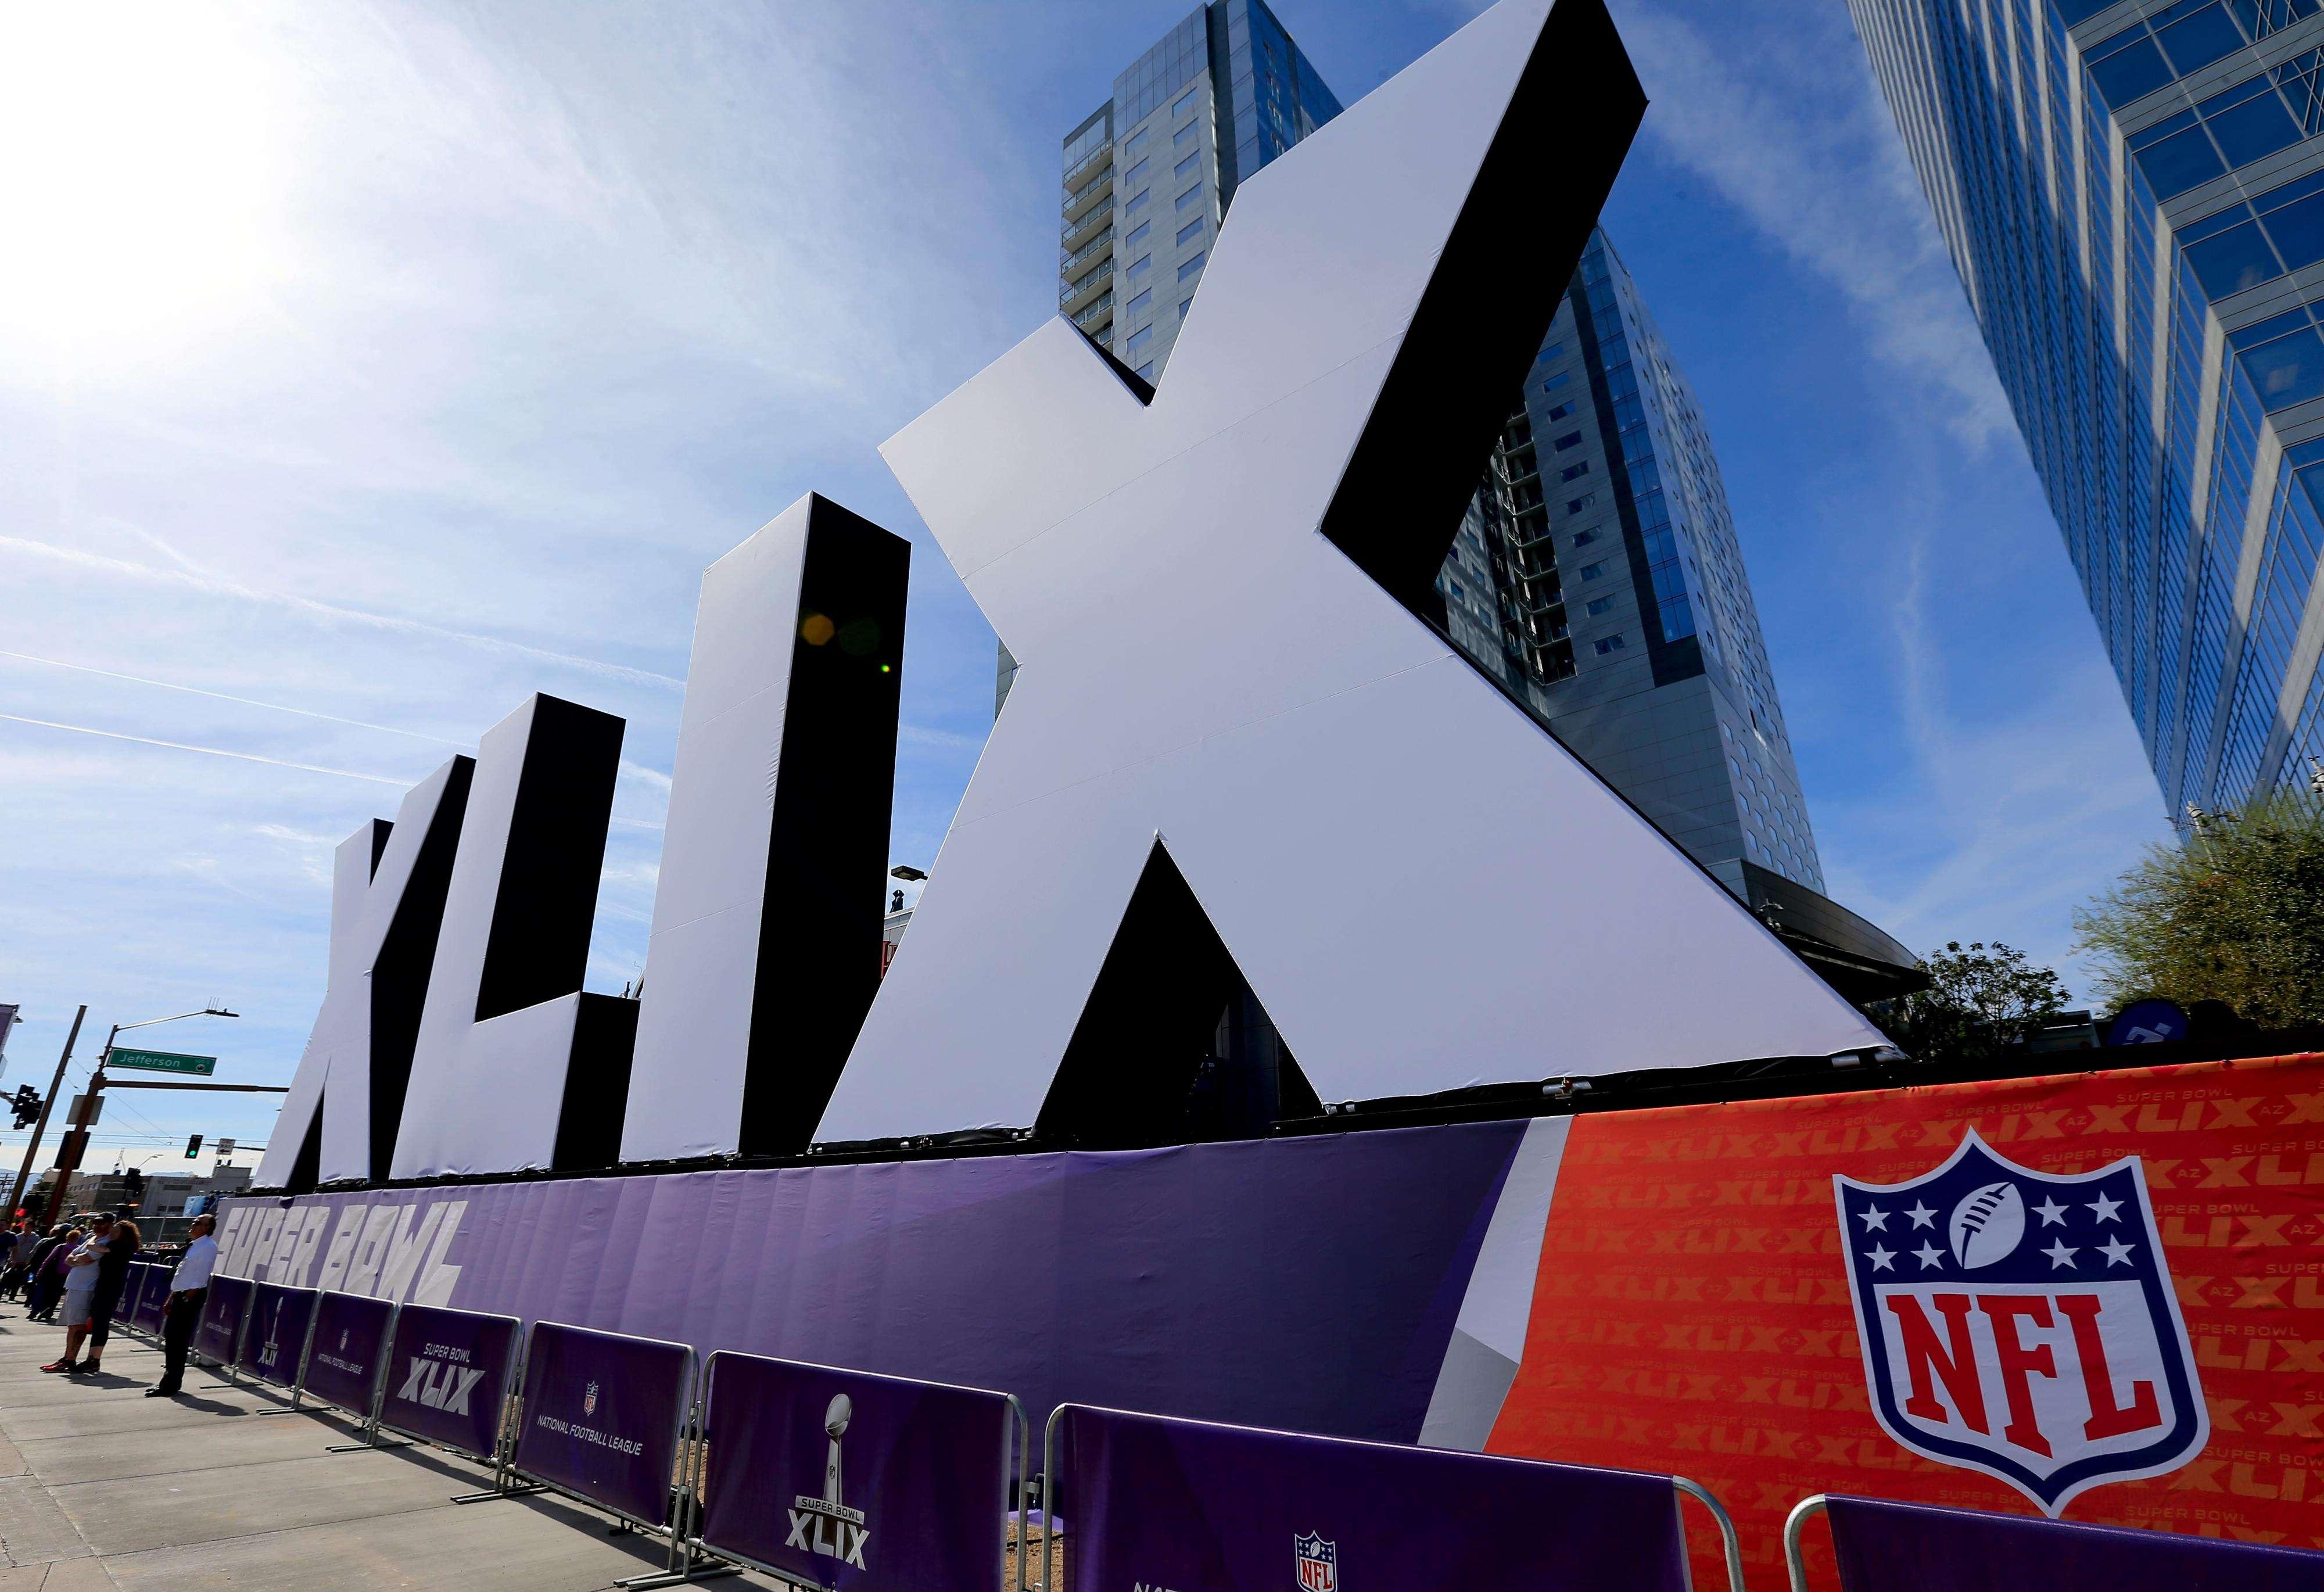 El Super Bowl no sólo es un evento deportivo, también es un acontecimiento social, económico y has cultural Foto: Gettyimages